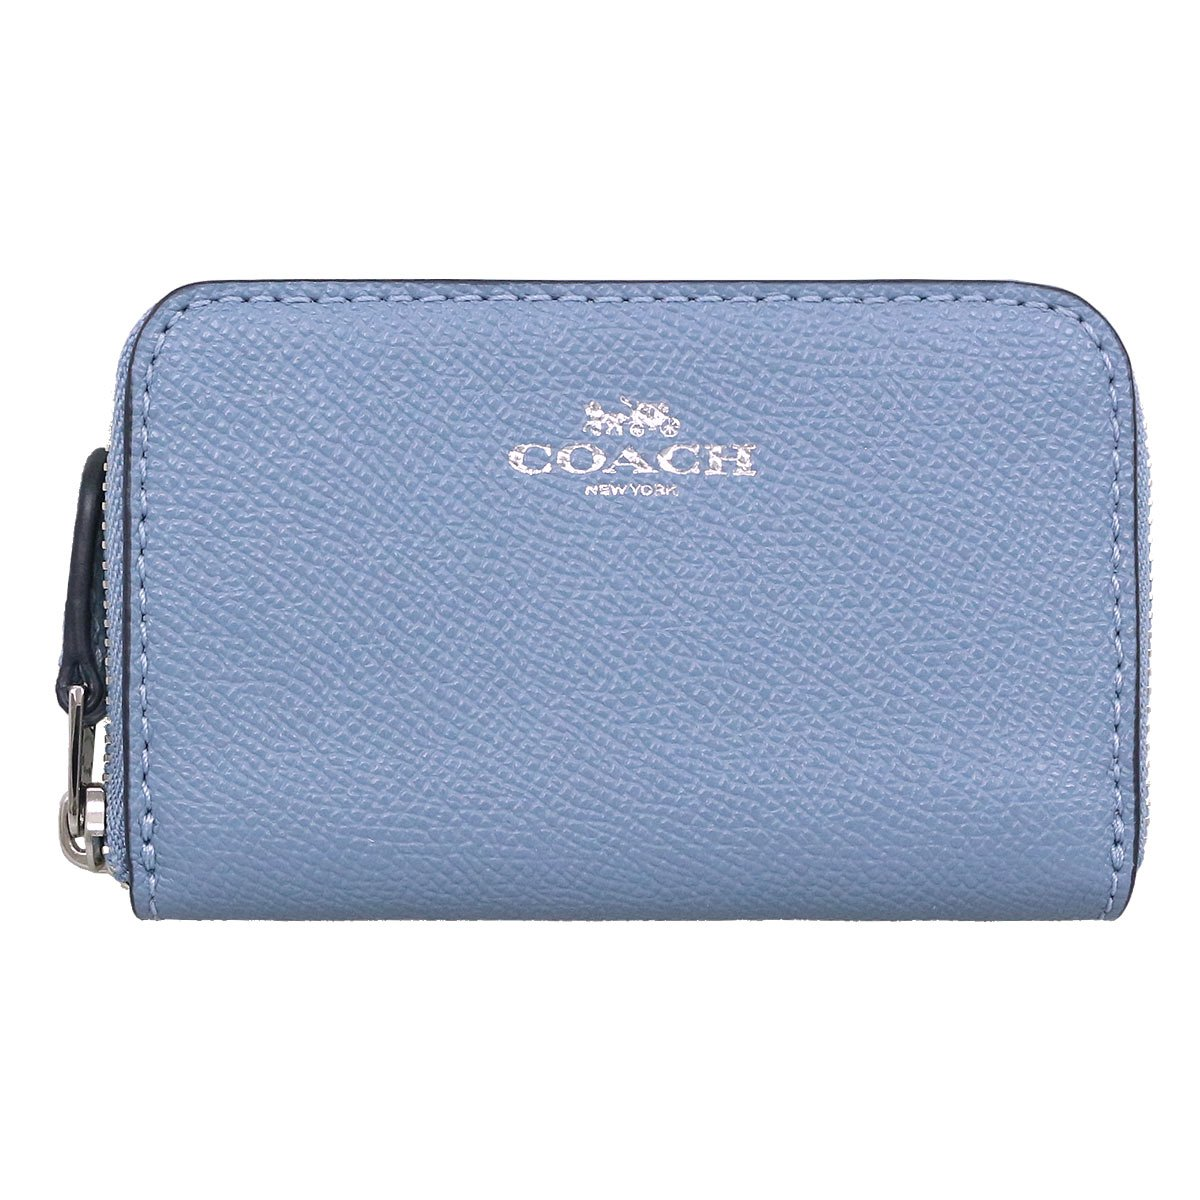 [コーチ] COACH 財布 (コインケース) F27569 レザー コインケース レディース [アウトレット品] [並行輸入品] B07C539Z9N プール プール